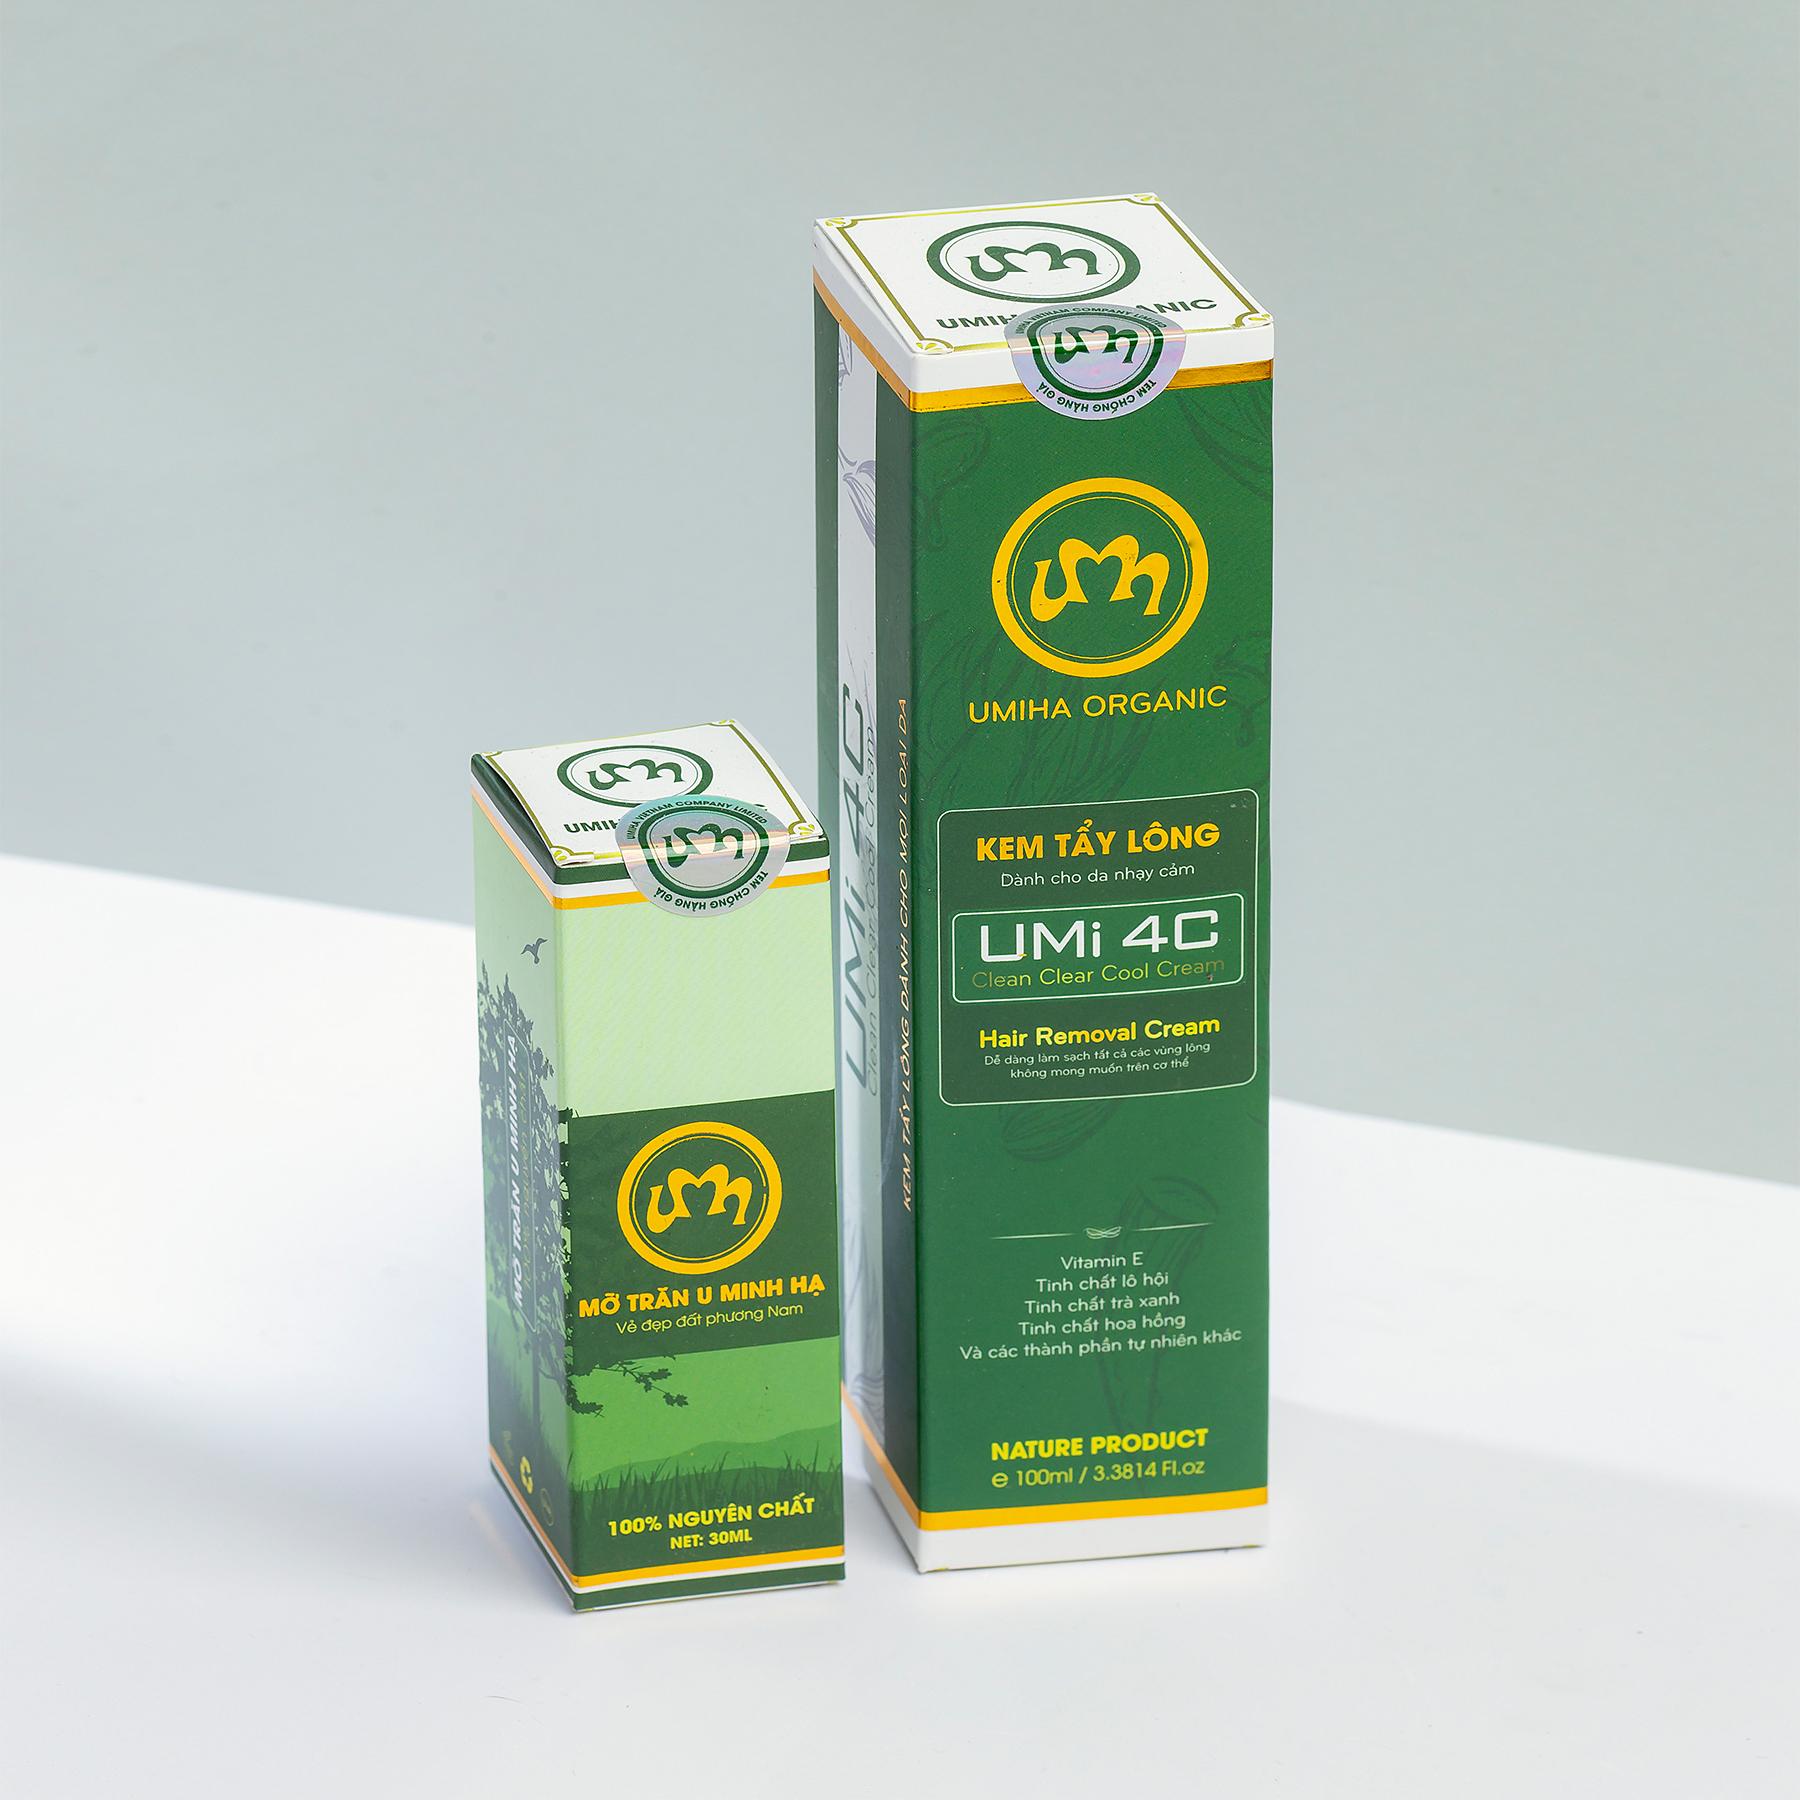 COMBO TẨY TRIỆT LÔNG CHÂN TAY VĨNH VIỄN UMISKIN tại nhà | Mỡ trăn triệt lông vĩnh viễn U Minh Hạ (30ml) & Kem tẩy lông Umi 4C (100ml) an toàn cho da nhạy cảm